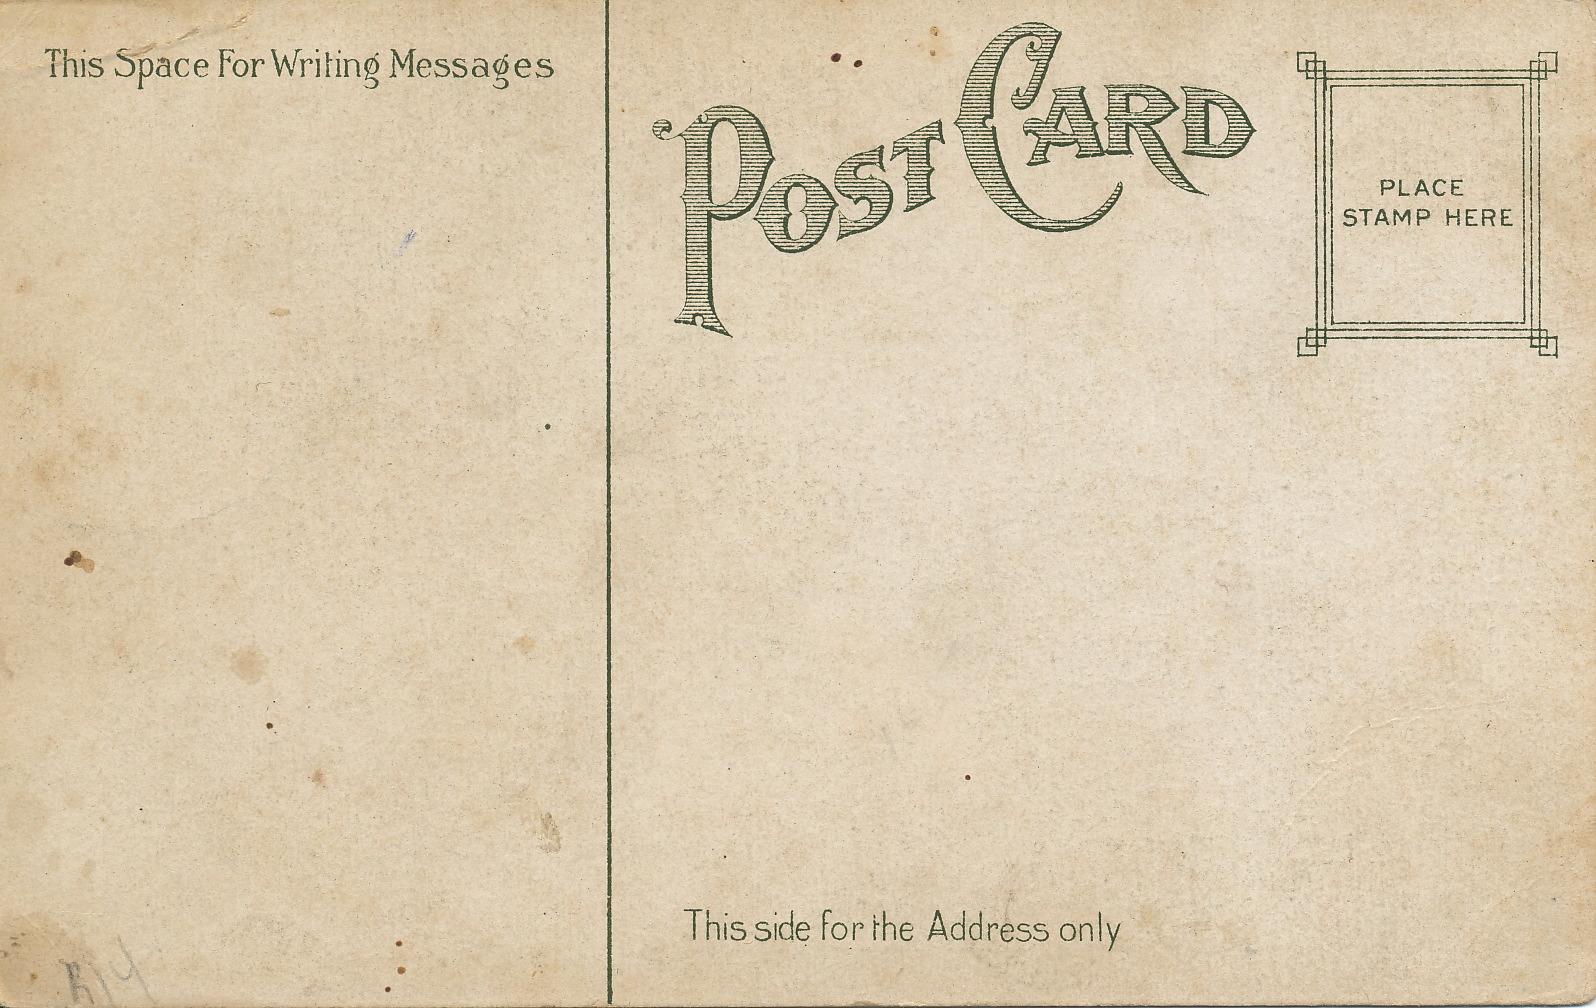 vintage postcard template photoshop hot girls wallpaper. Black Bedroom Furniture Sets. Home Design Ideas